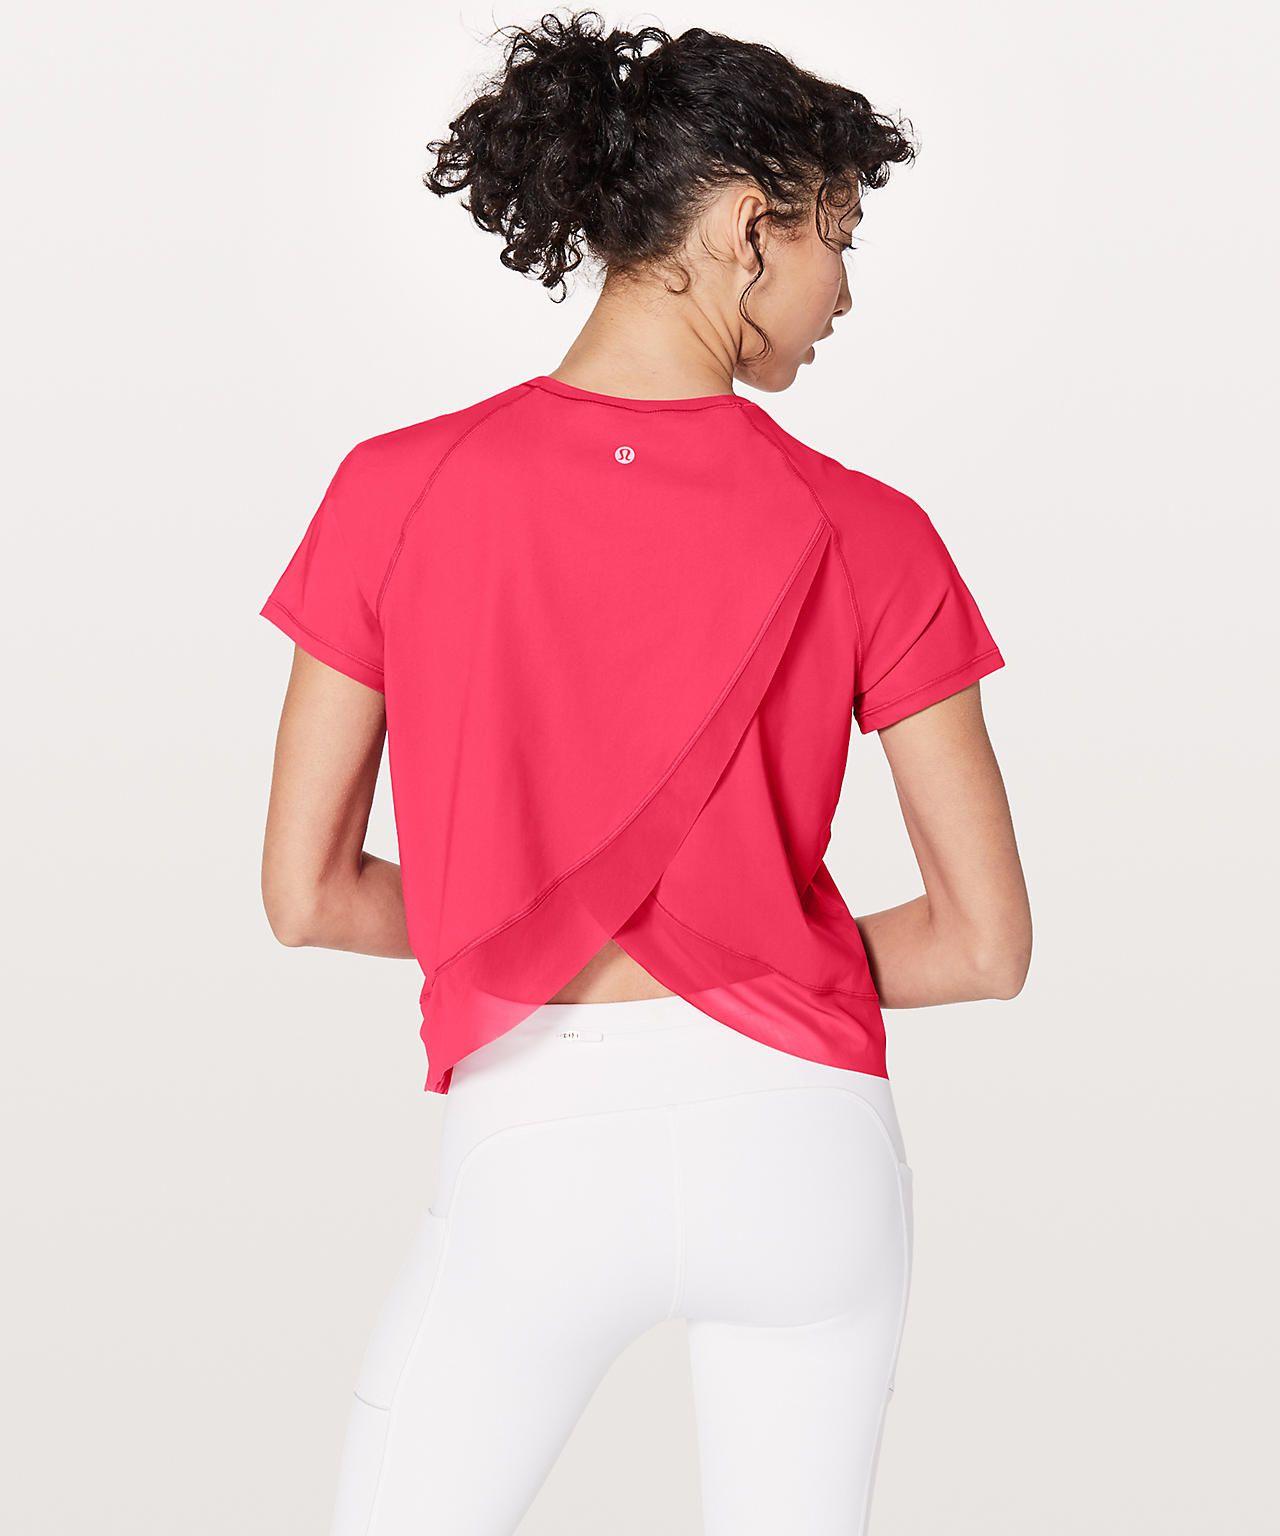 Fuchsia Pink | Short sleeve tops women, Adidas shirt women